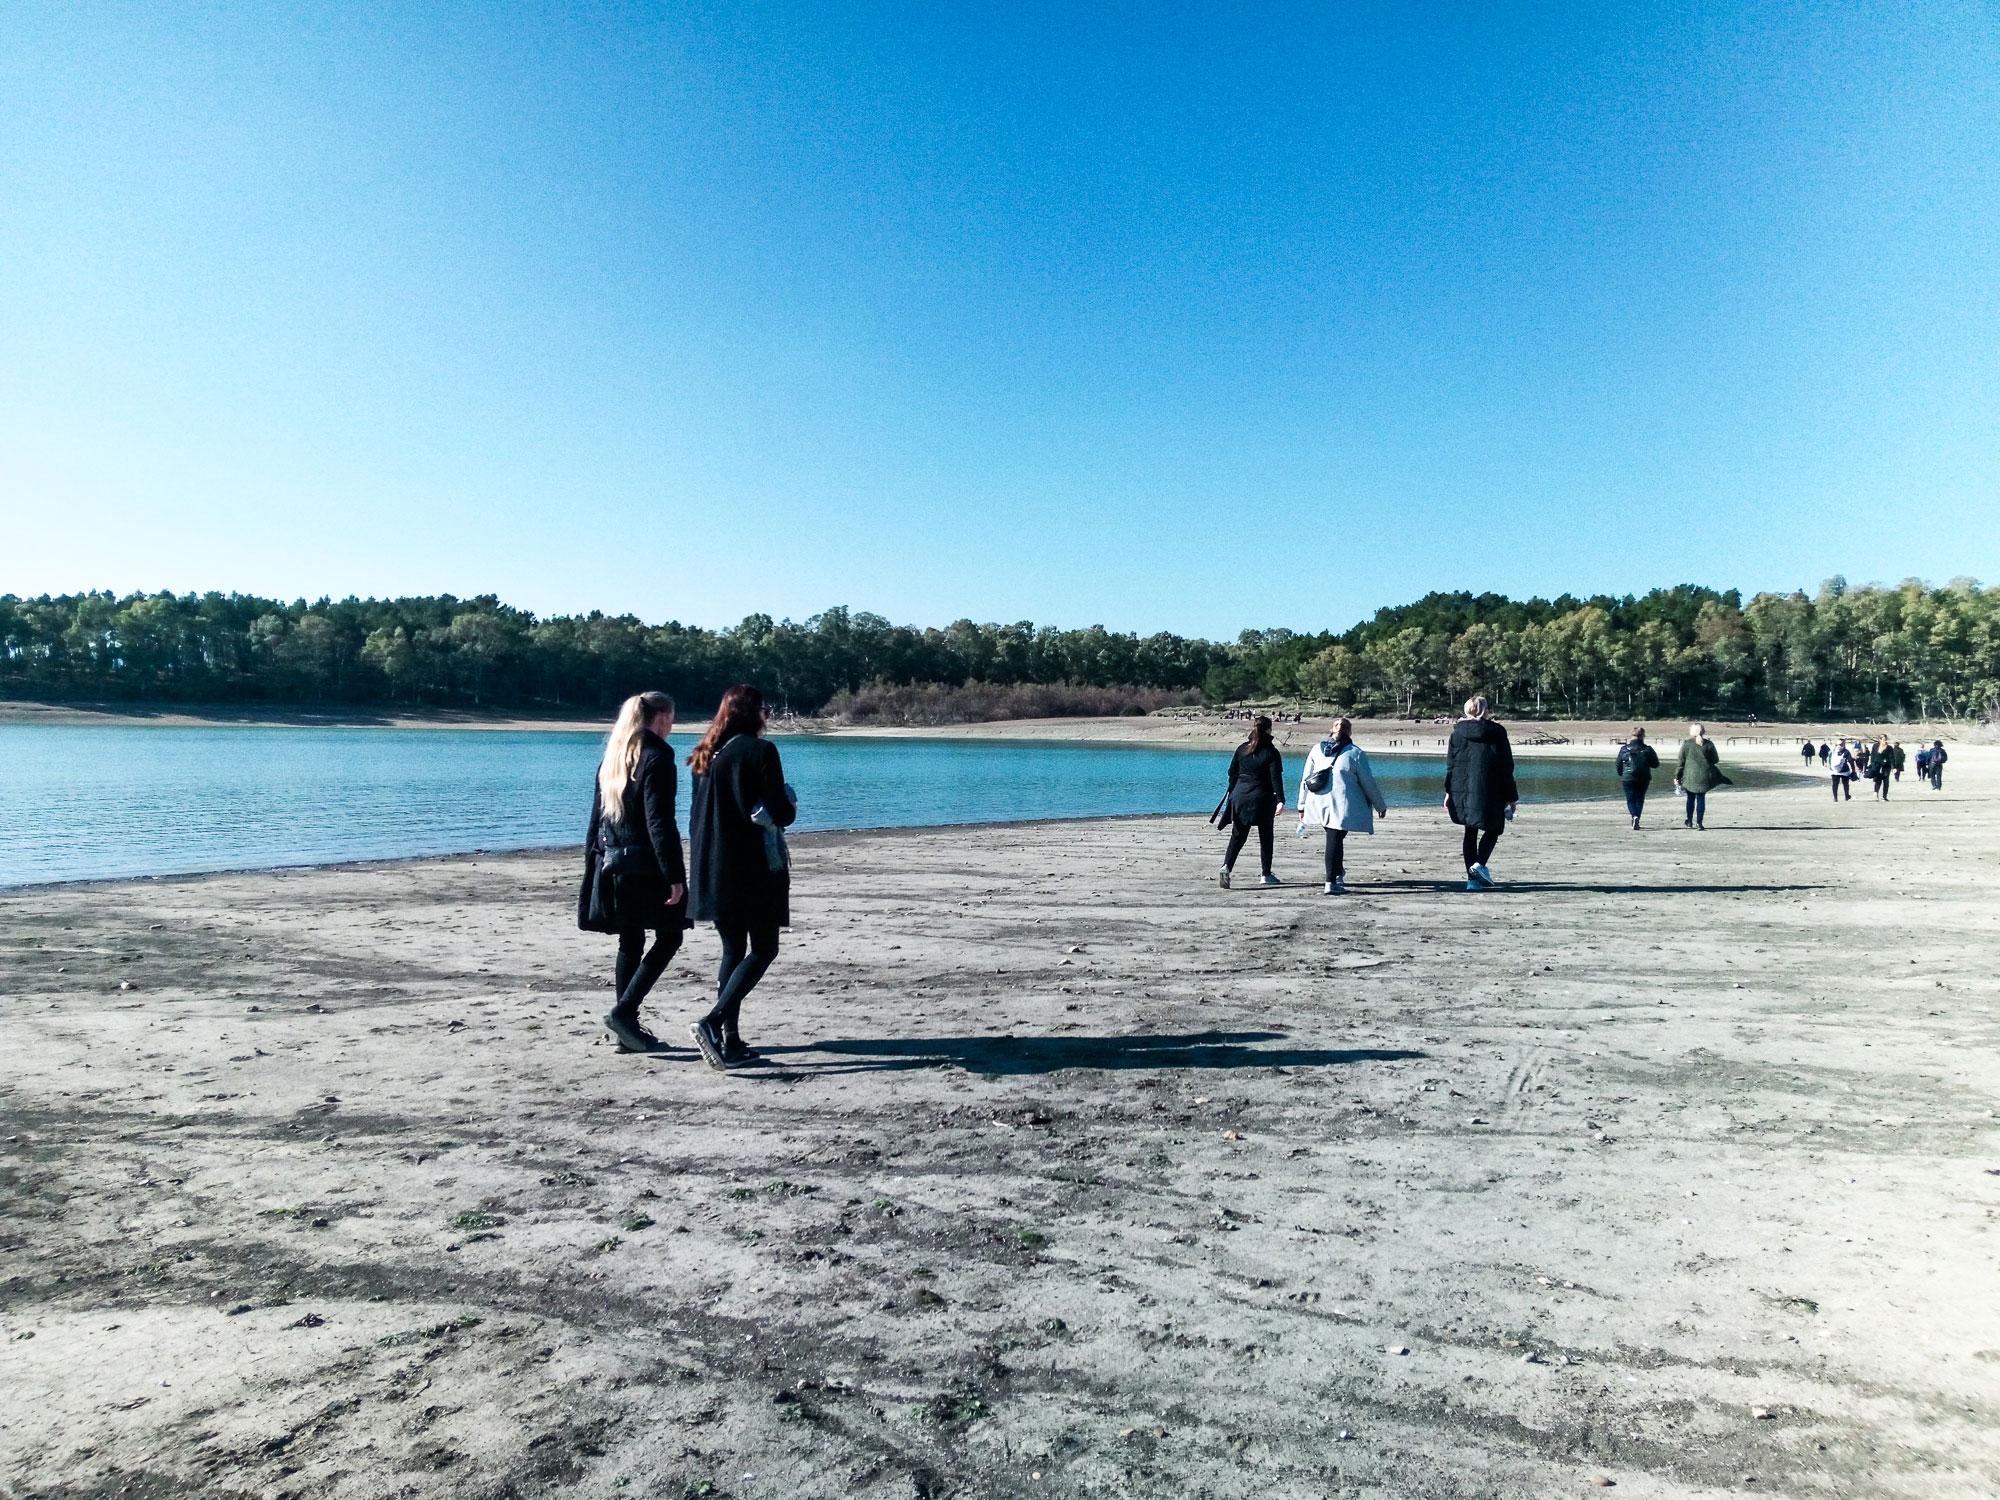 Trekking costeggiando la diga di San Giuliano